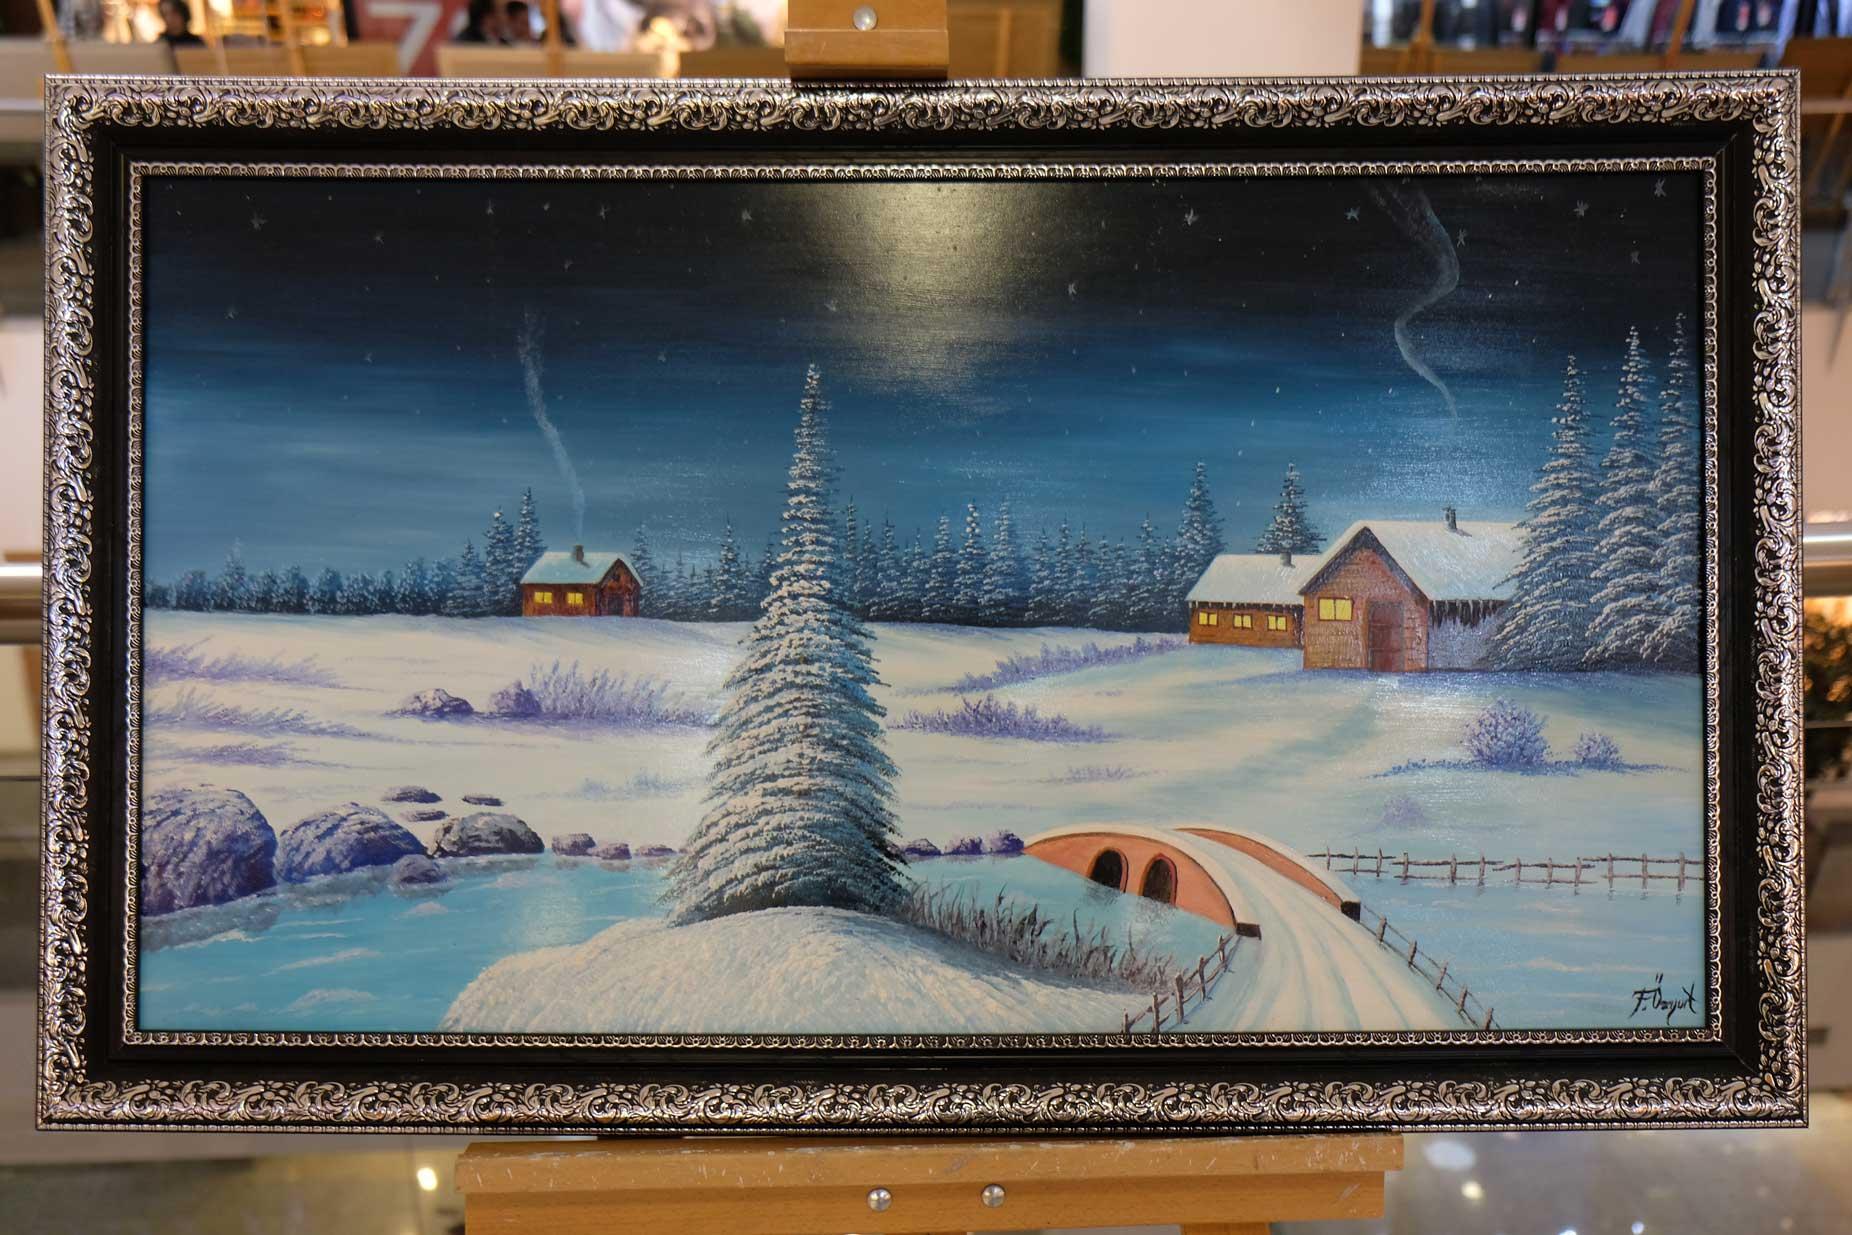 Ein Gemälde, das eine Winterlandschaft zeigt